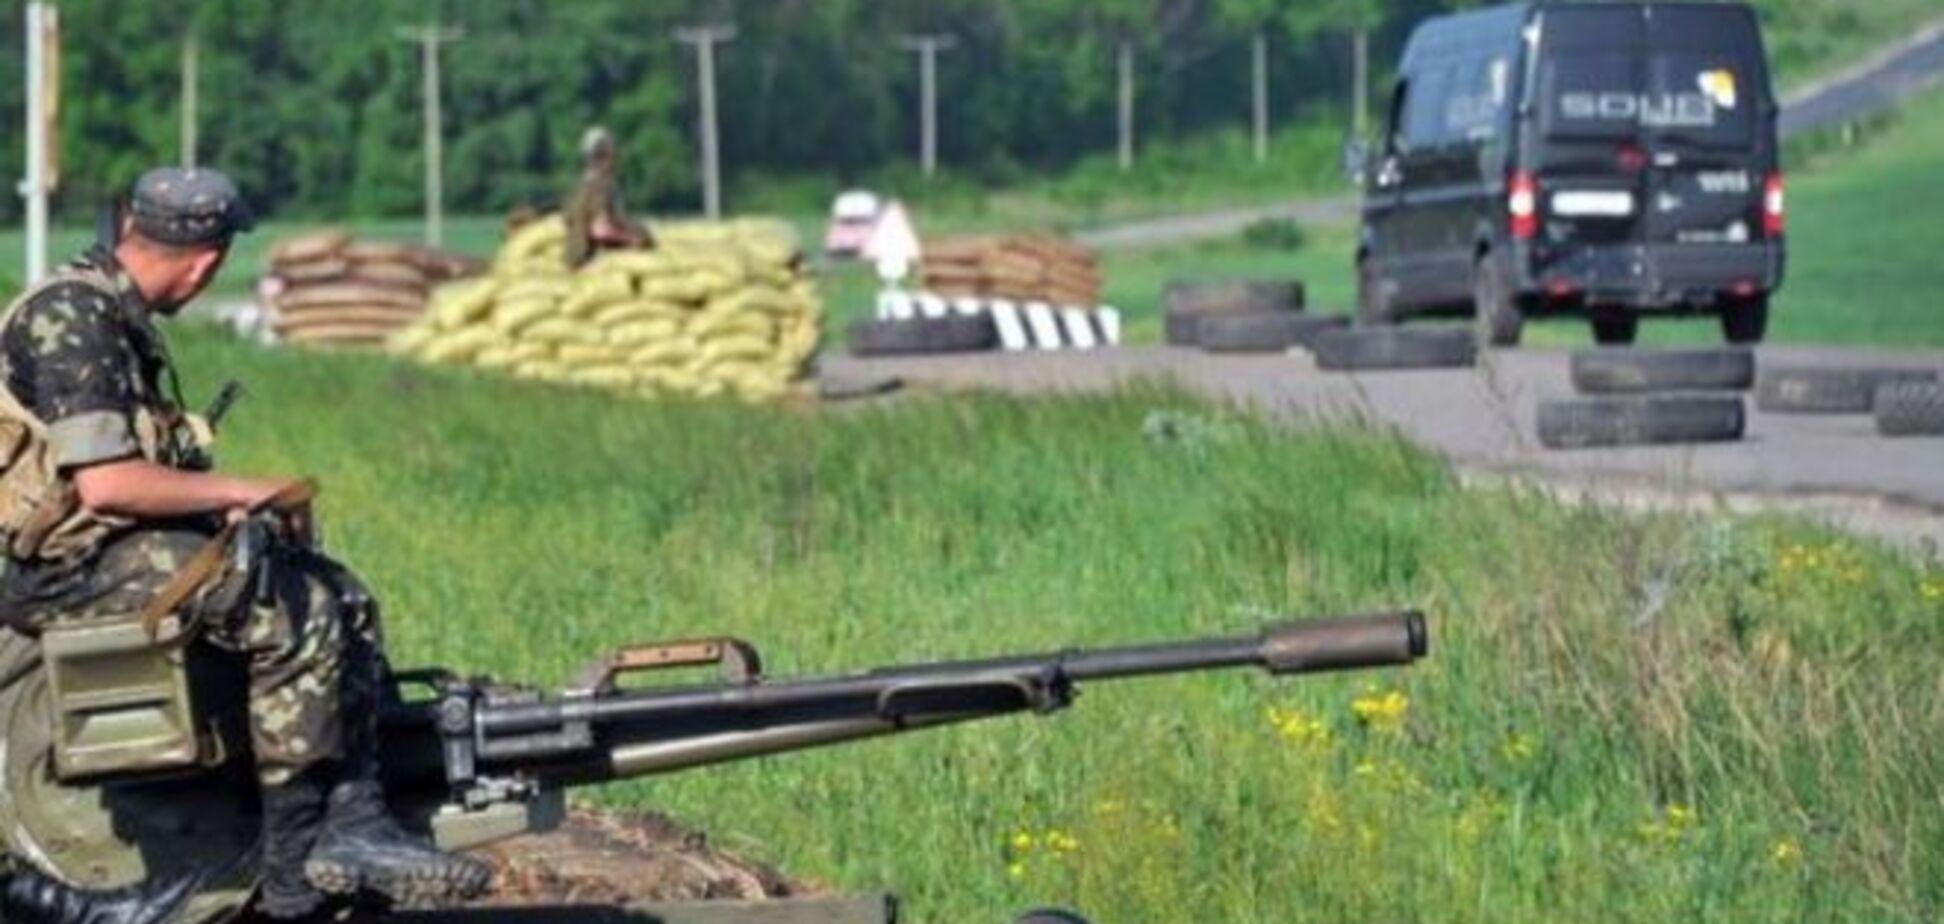 Блокпости на Донбасі беруть з кожної фури по 100 тис. грн - Філатов